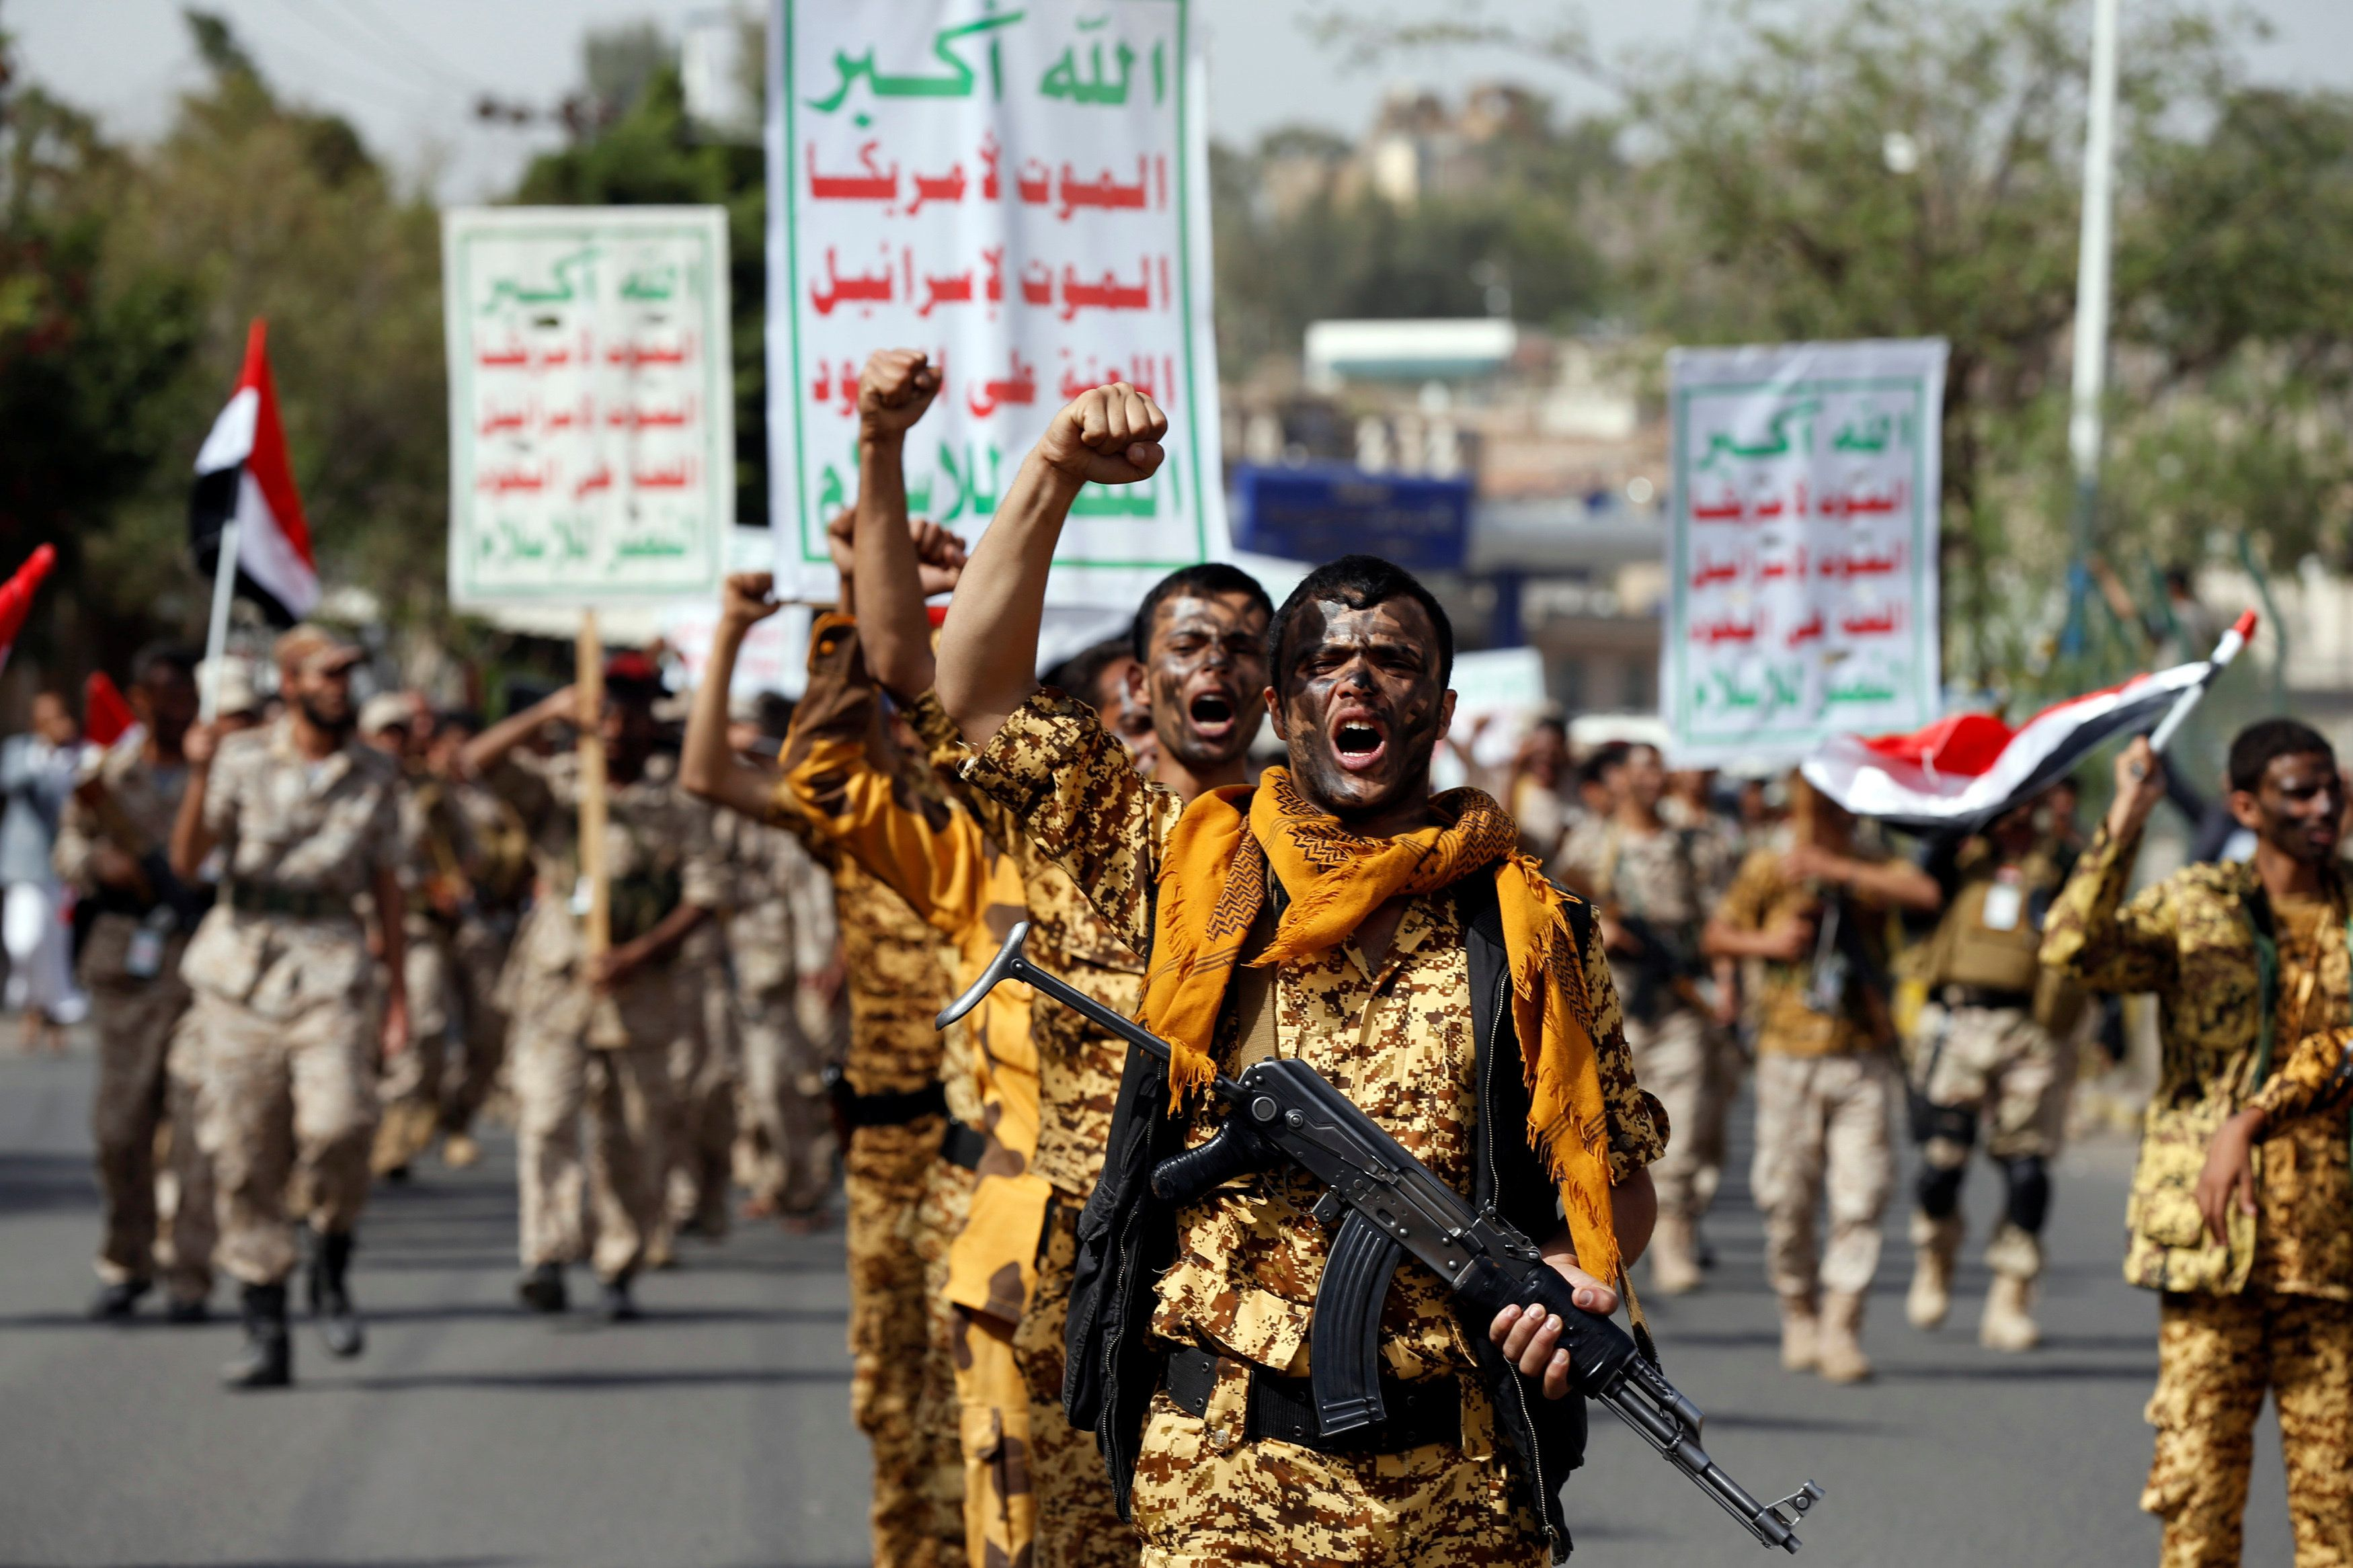 Οι Χούτι στην Υεμένη σταματούν τις επιθέσεις σε Σαουδική Αραβία και Ηνωμένα Αραβικά